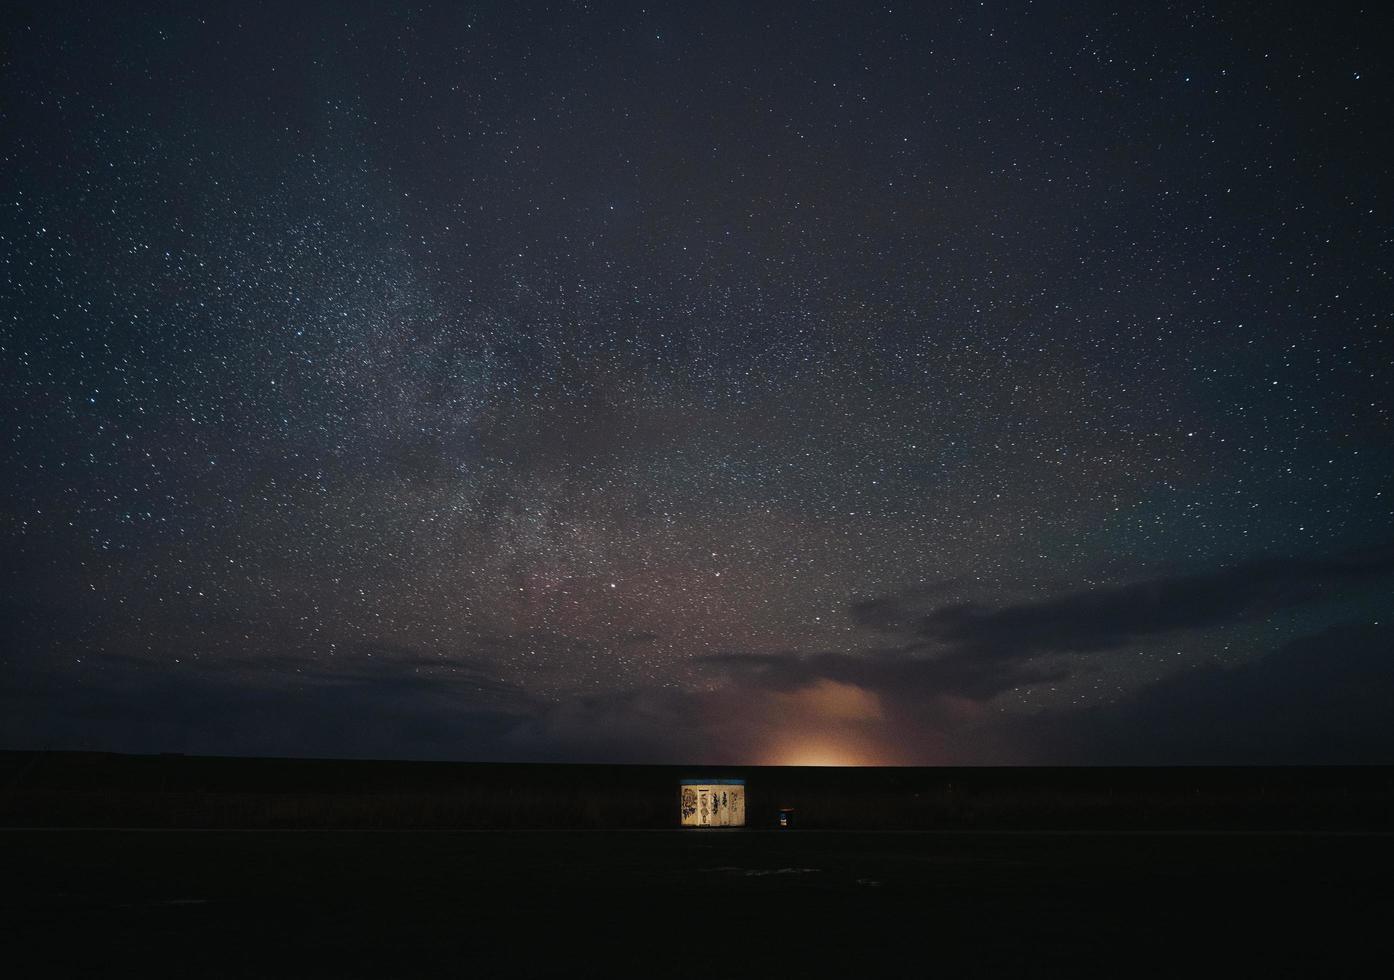 cielo pieno di stelle foto